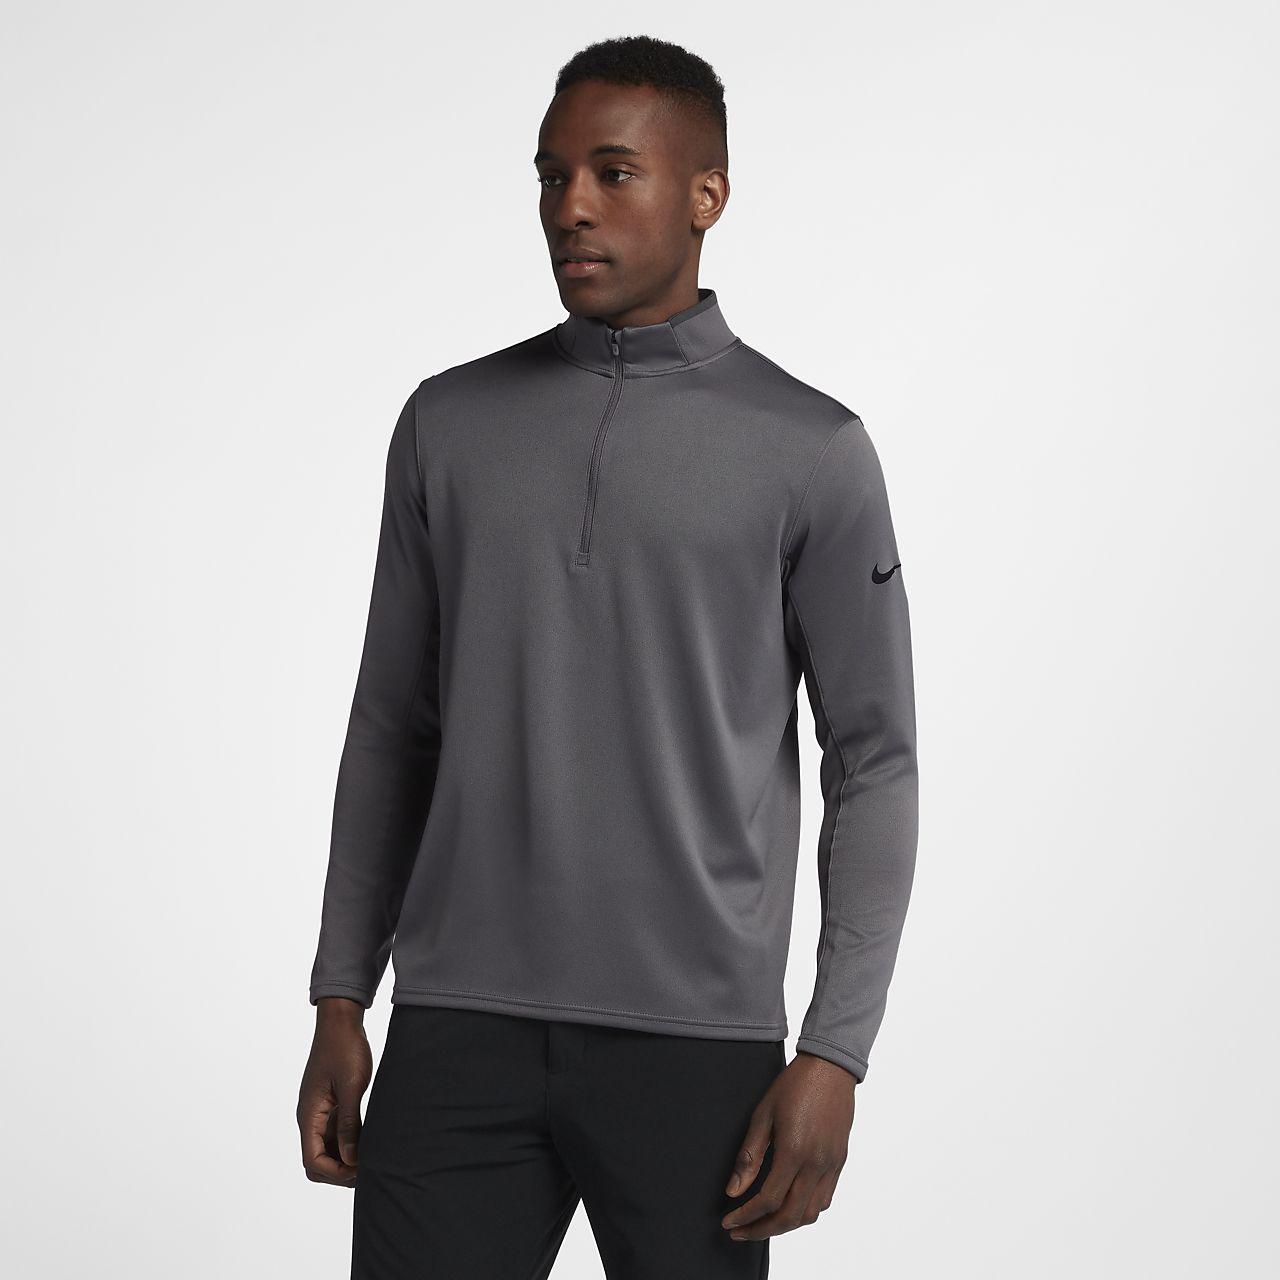 Långärmad golftröja Nike Dri-FIT Half-Zip för män